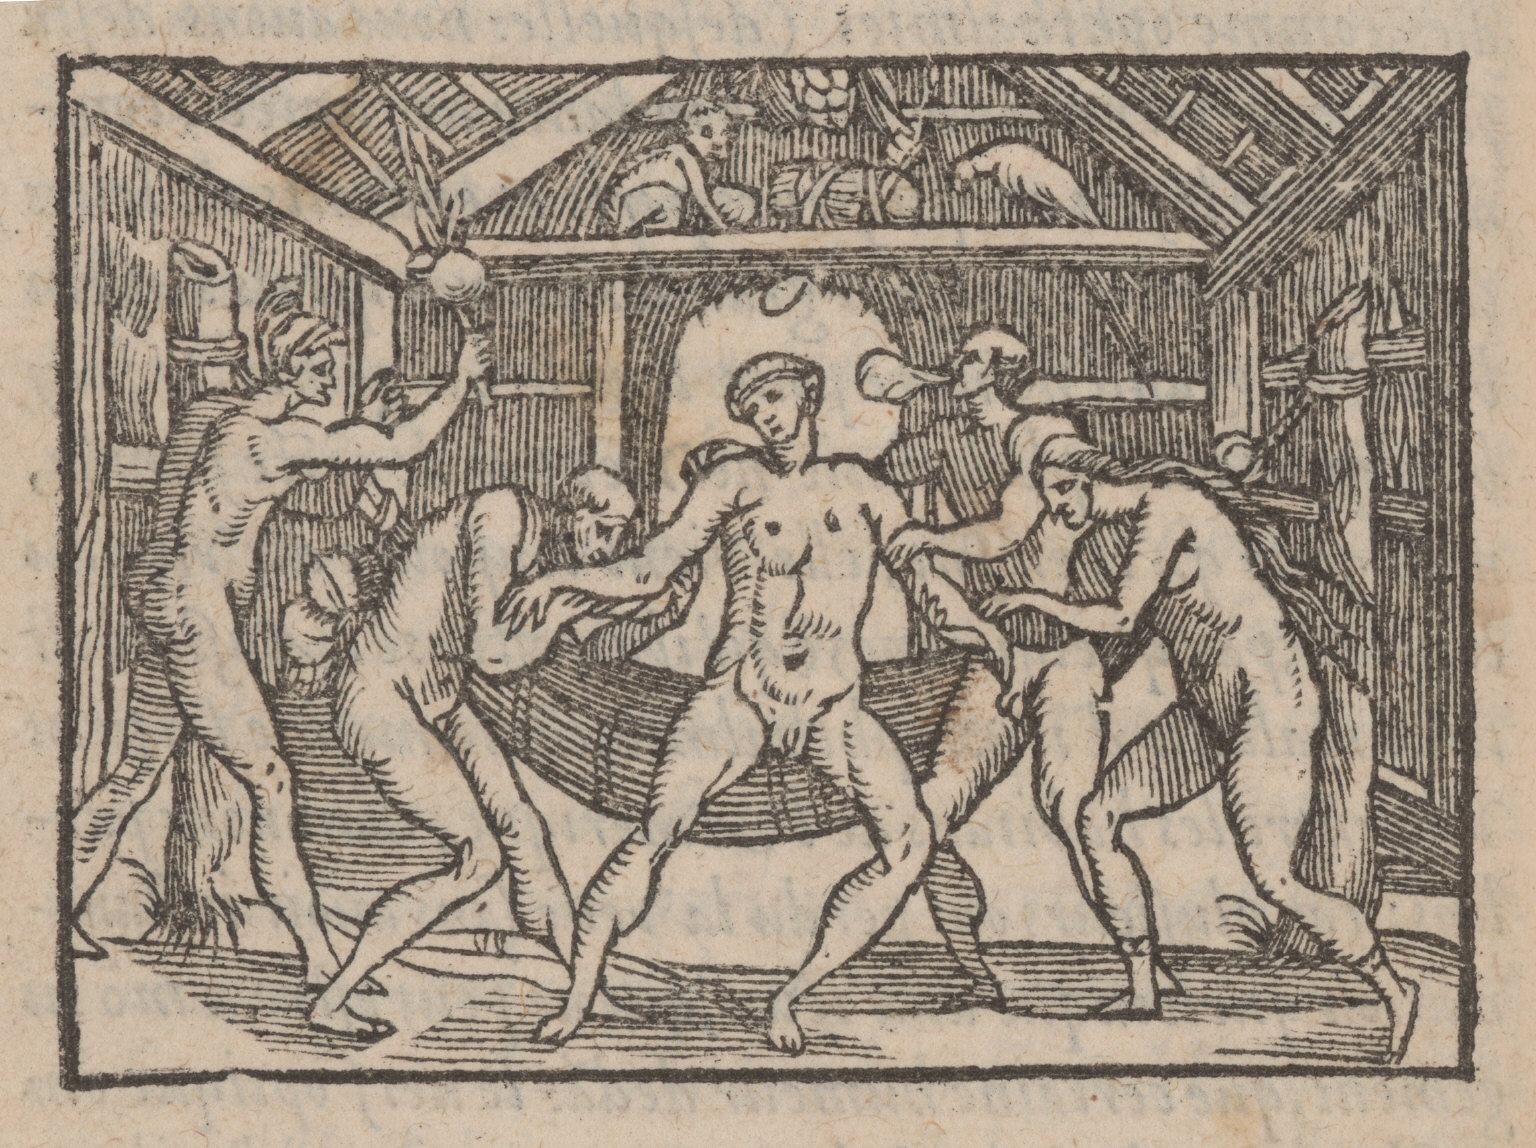 [Description d'vne maladie nommée Pians, à laquelle son subiets ces peuples de l'Amerique, tant es isles que terre ferme.]